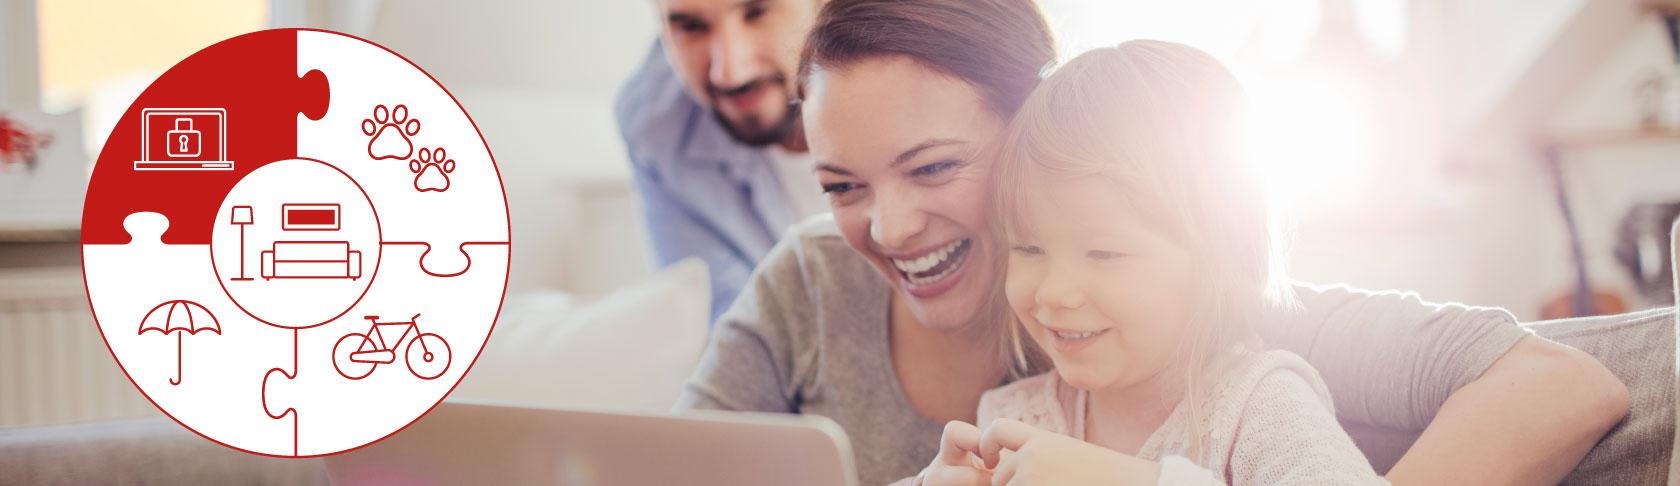 Assicurazione cyber generali for Mobilia domestica